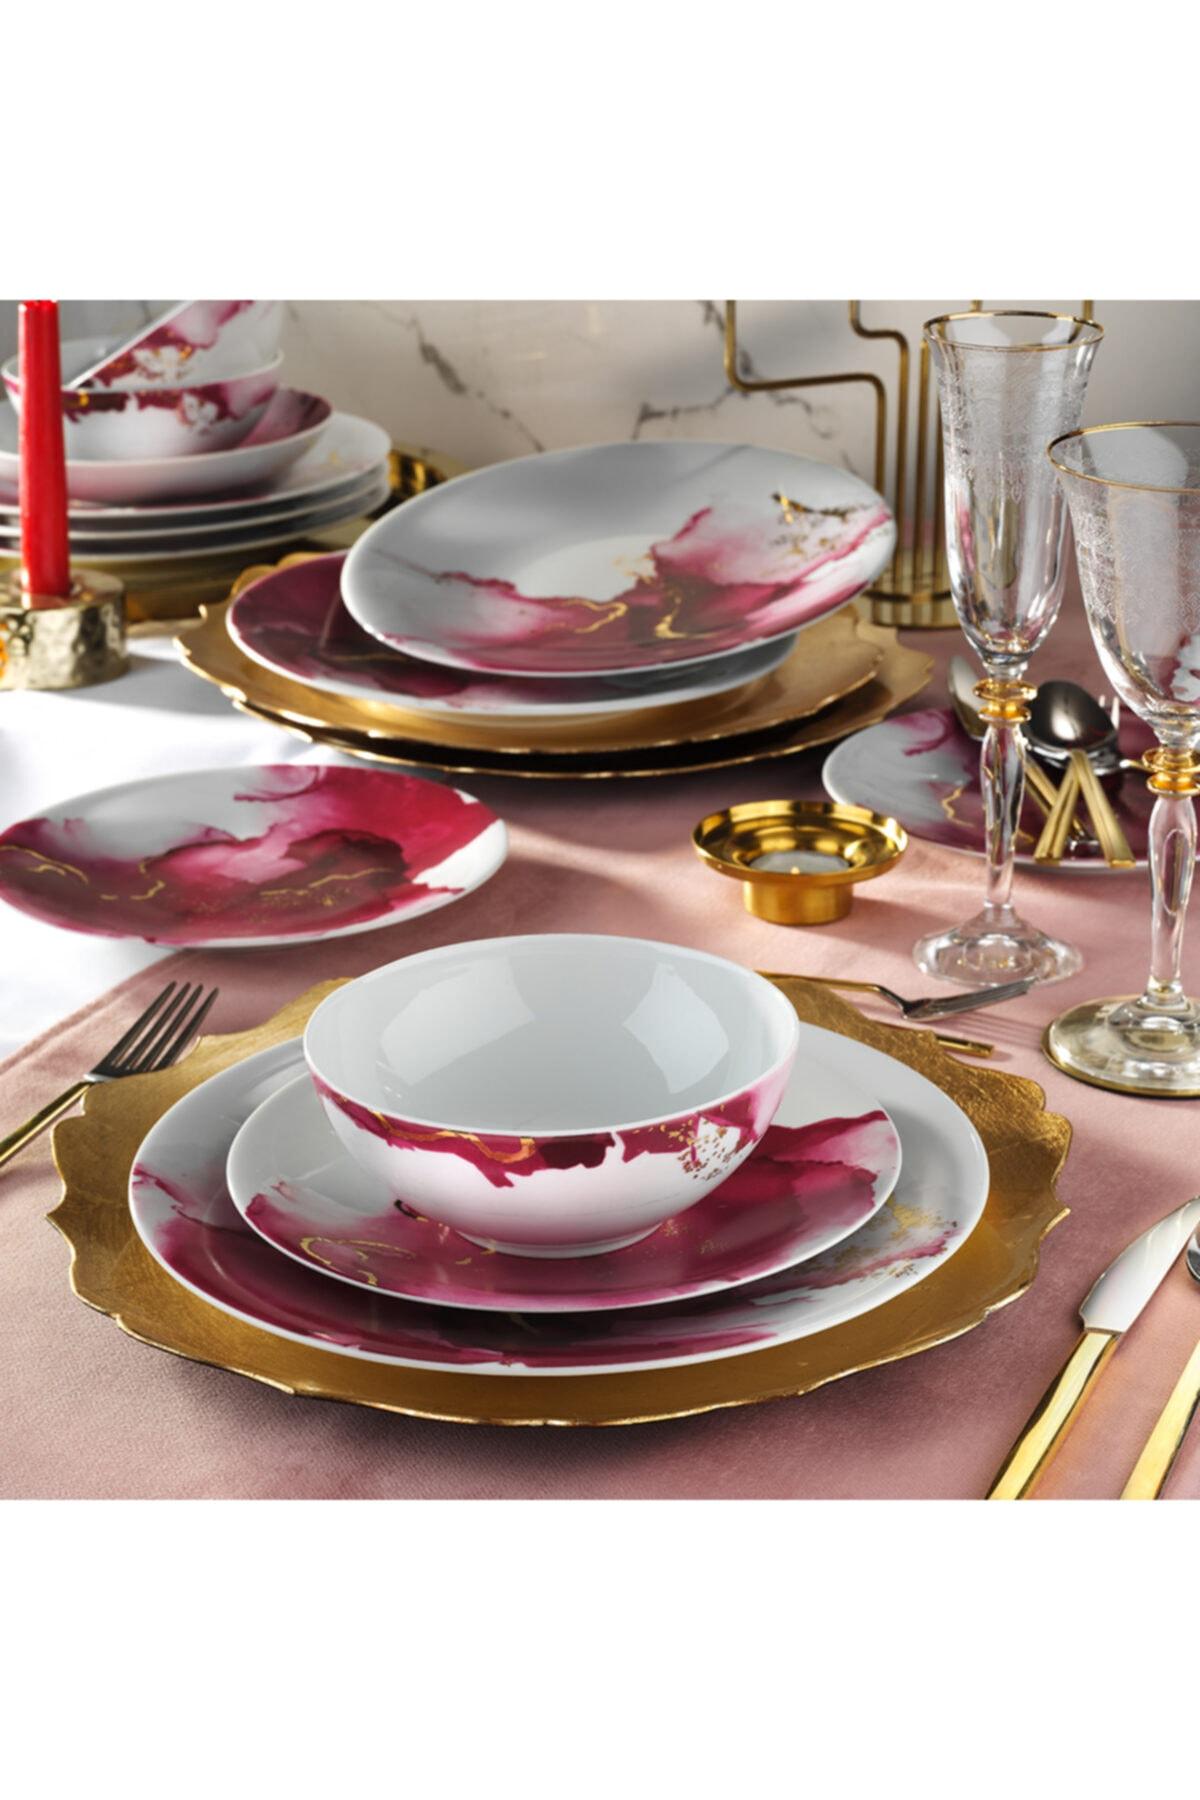 Kütahya Porselen 24 Parça Altın Varaklı Dekoratif Yemek Takımı 2